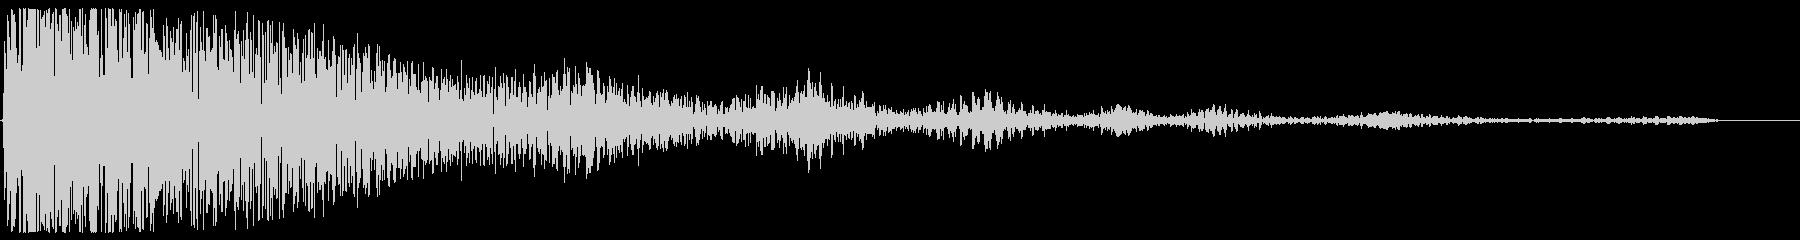 残念なイメージの効果音(ティンパニー系)の未再生の波形